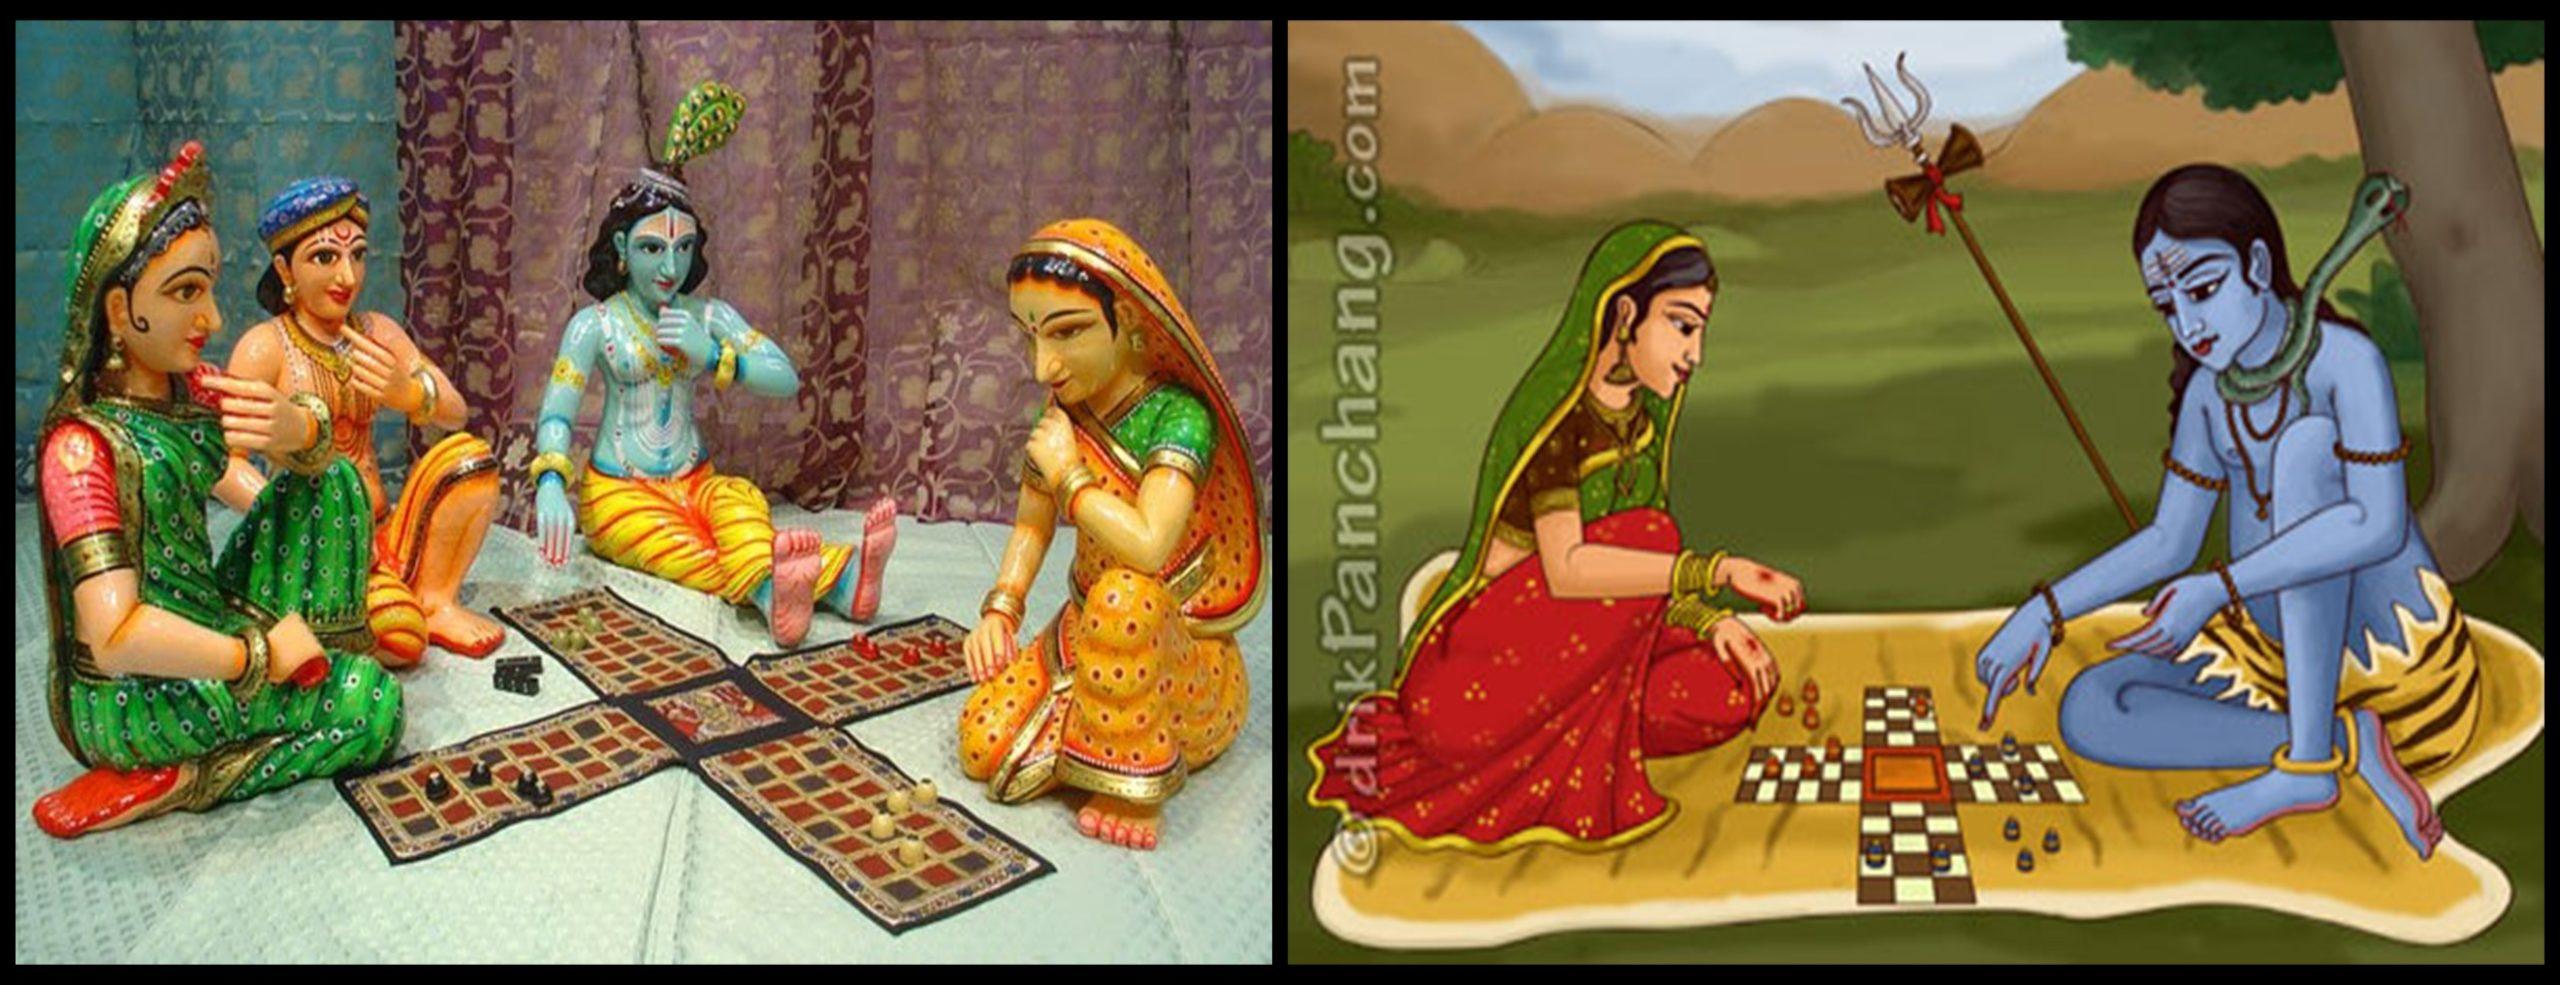 Gambling in Hinduism